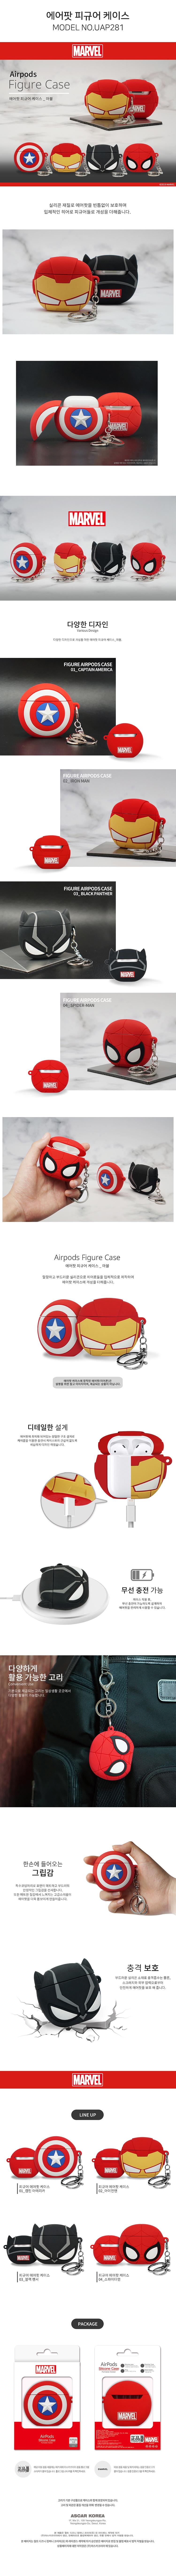 에어팟 1/2 케이스 정품 마블 캐릭터 실리콘 차이팟 - 유니커블, 20,200원, 이어폰, 이어폰 악세서리